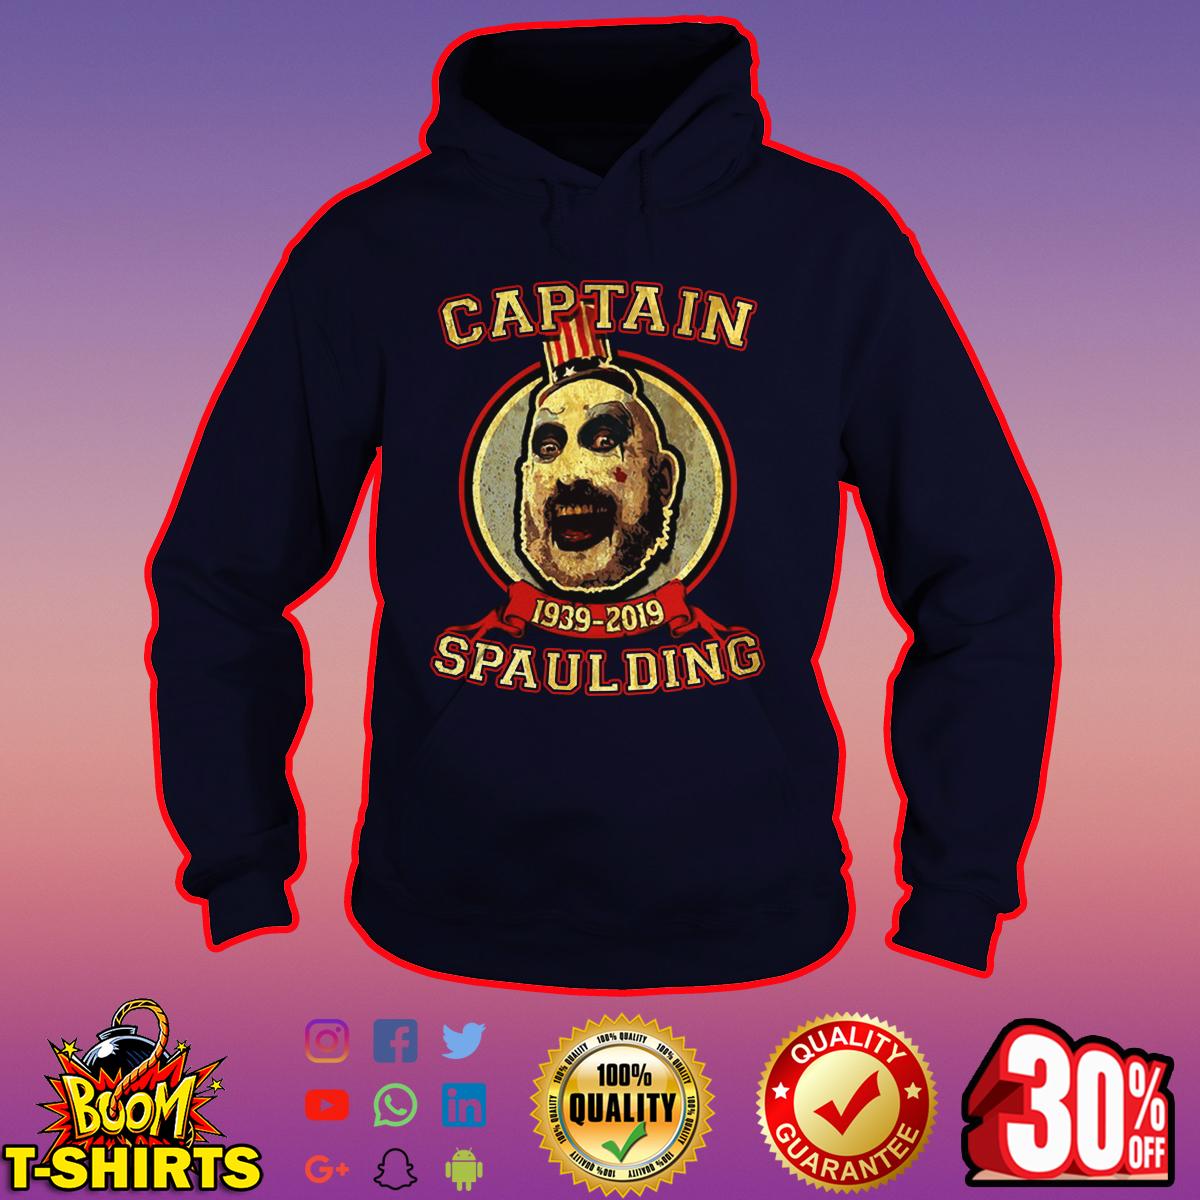 Captain Spaulding 1939-2019 hoodie